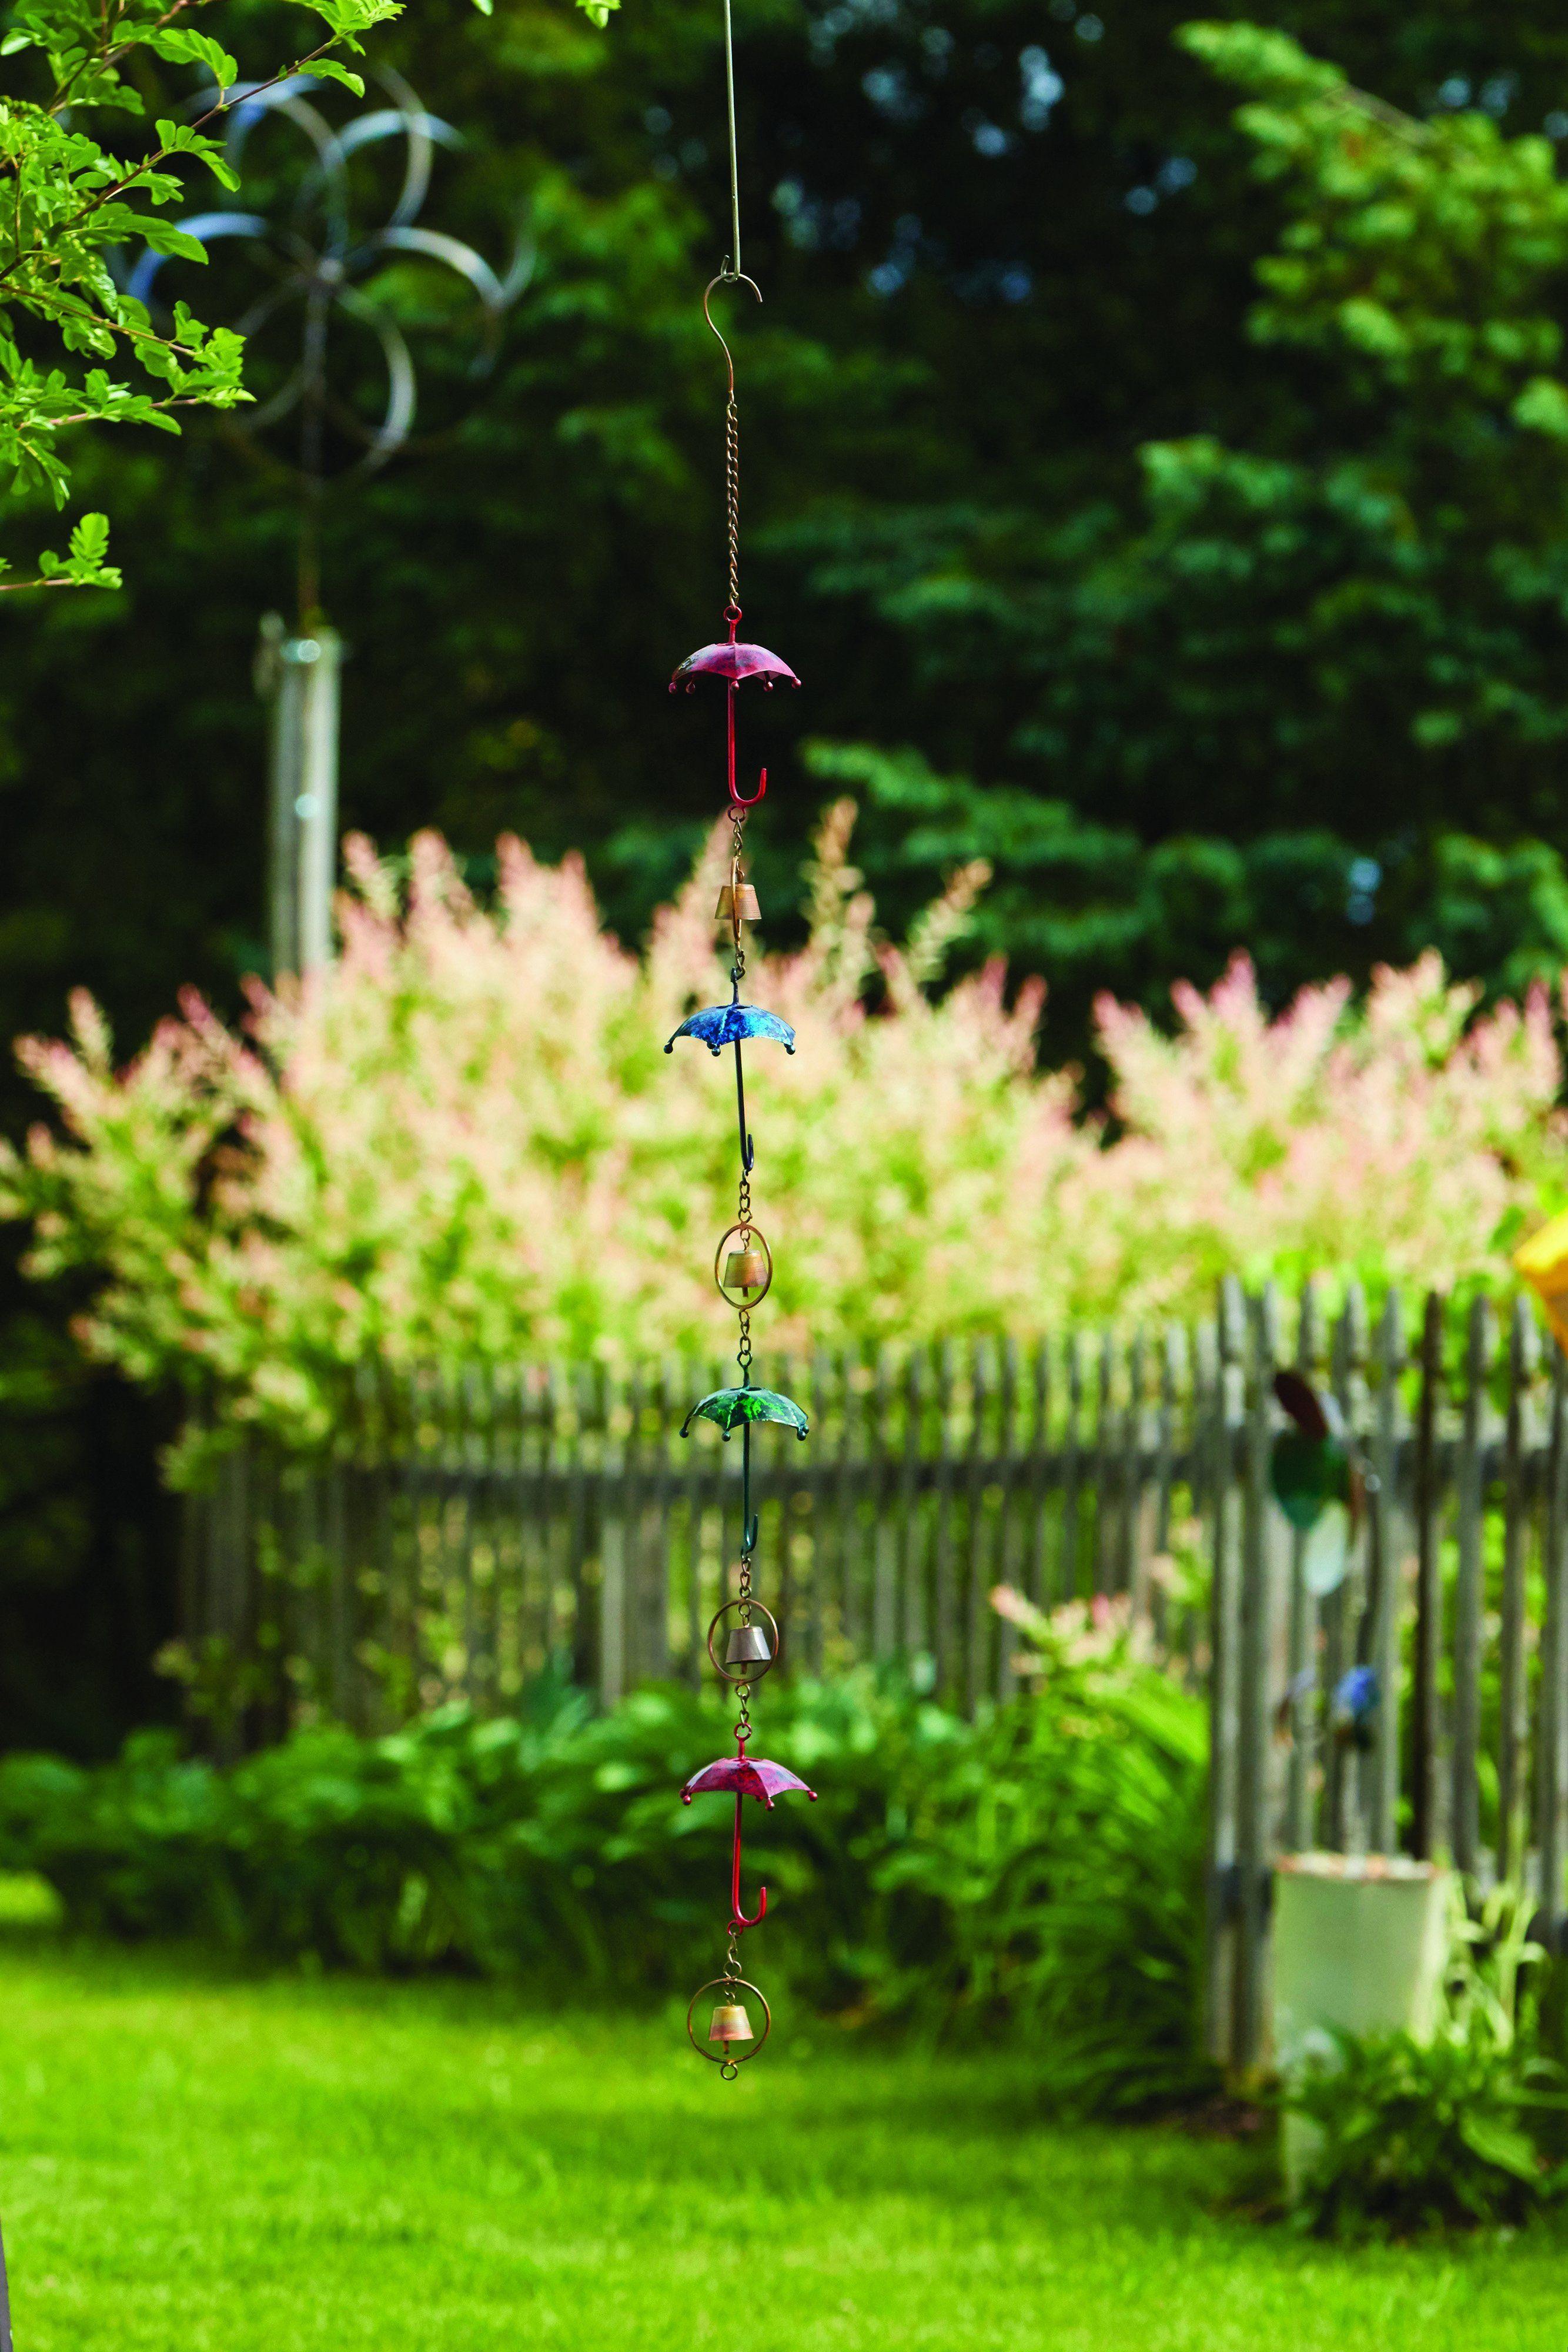 Multicolor Umbrella Ornament | Products | Pinterest | Ornament, Yard ...